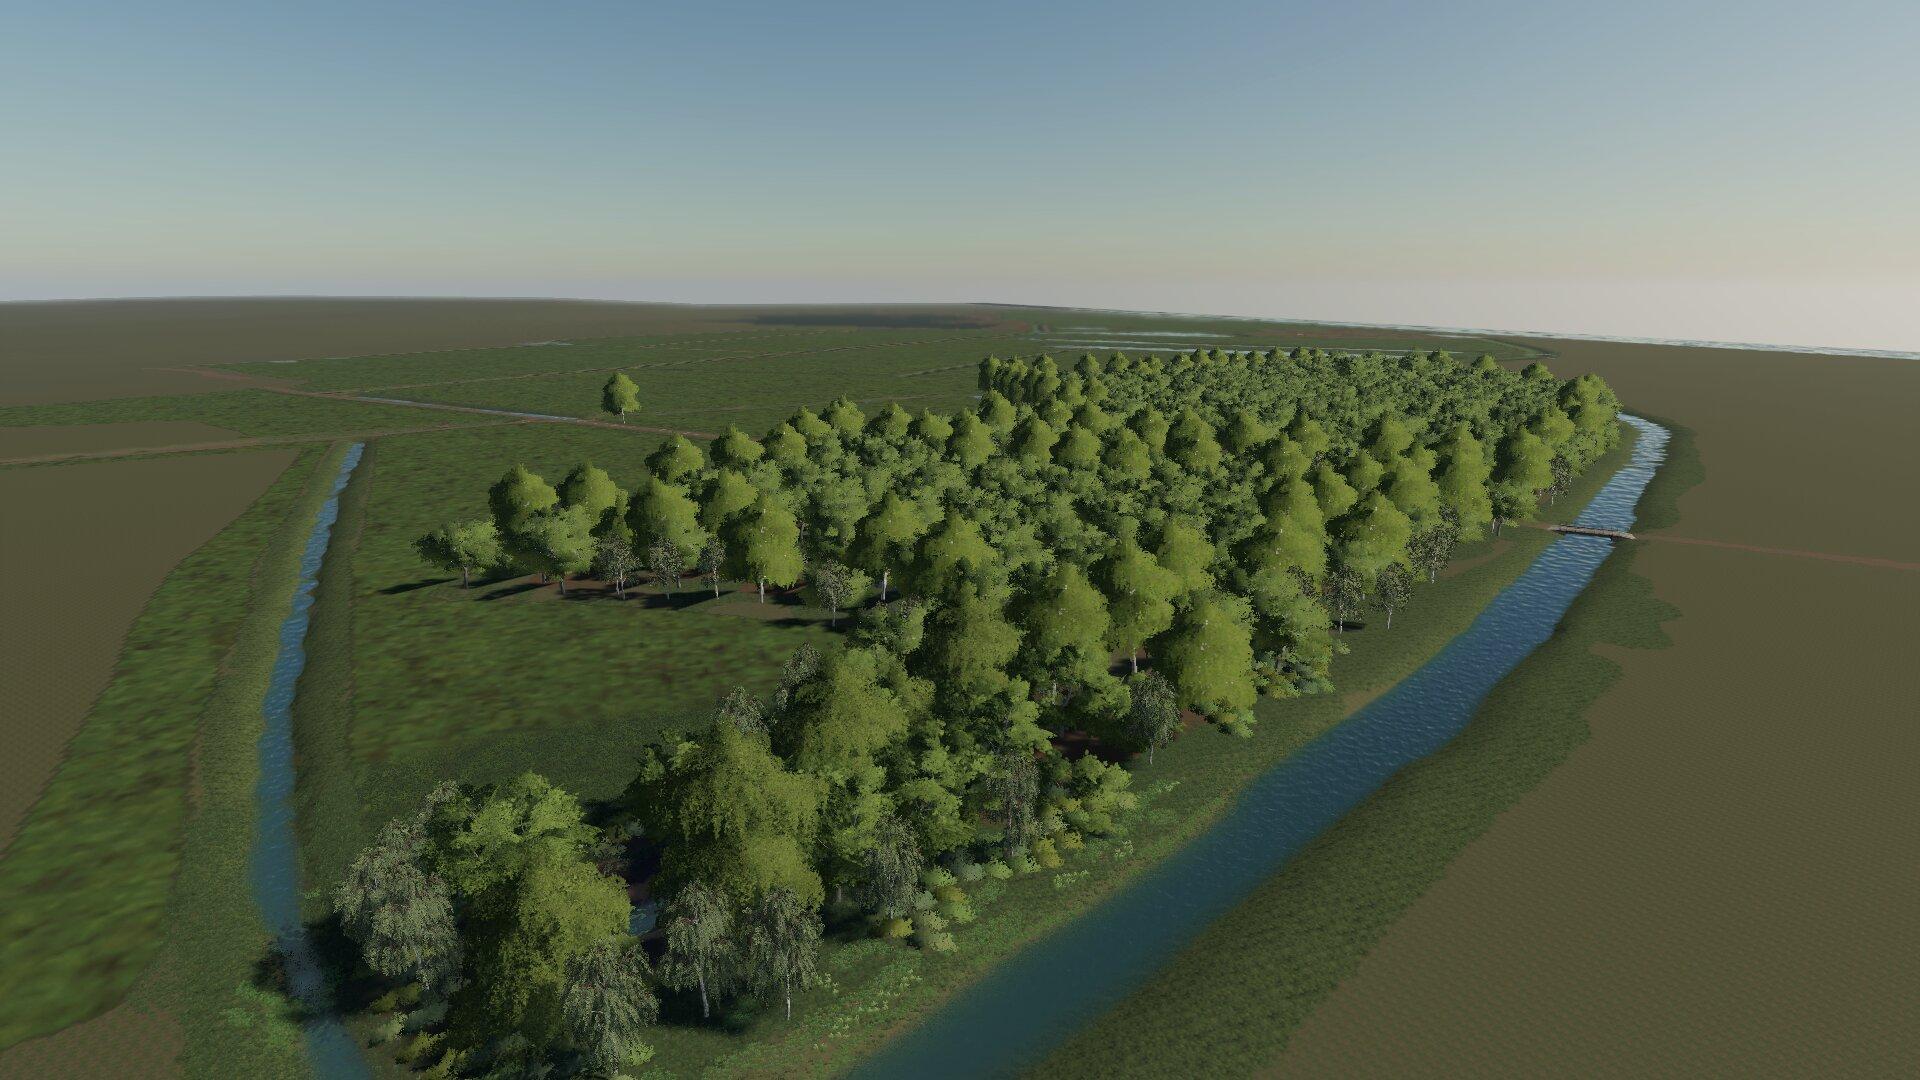 die Wiesen im Landgrabental nehmen formen an